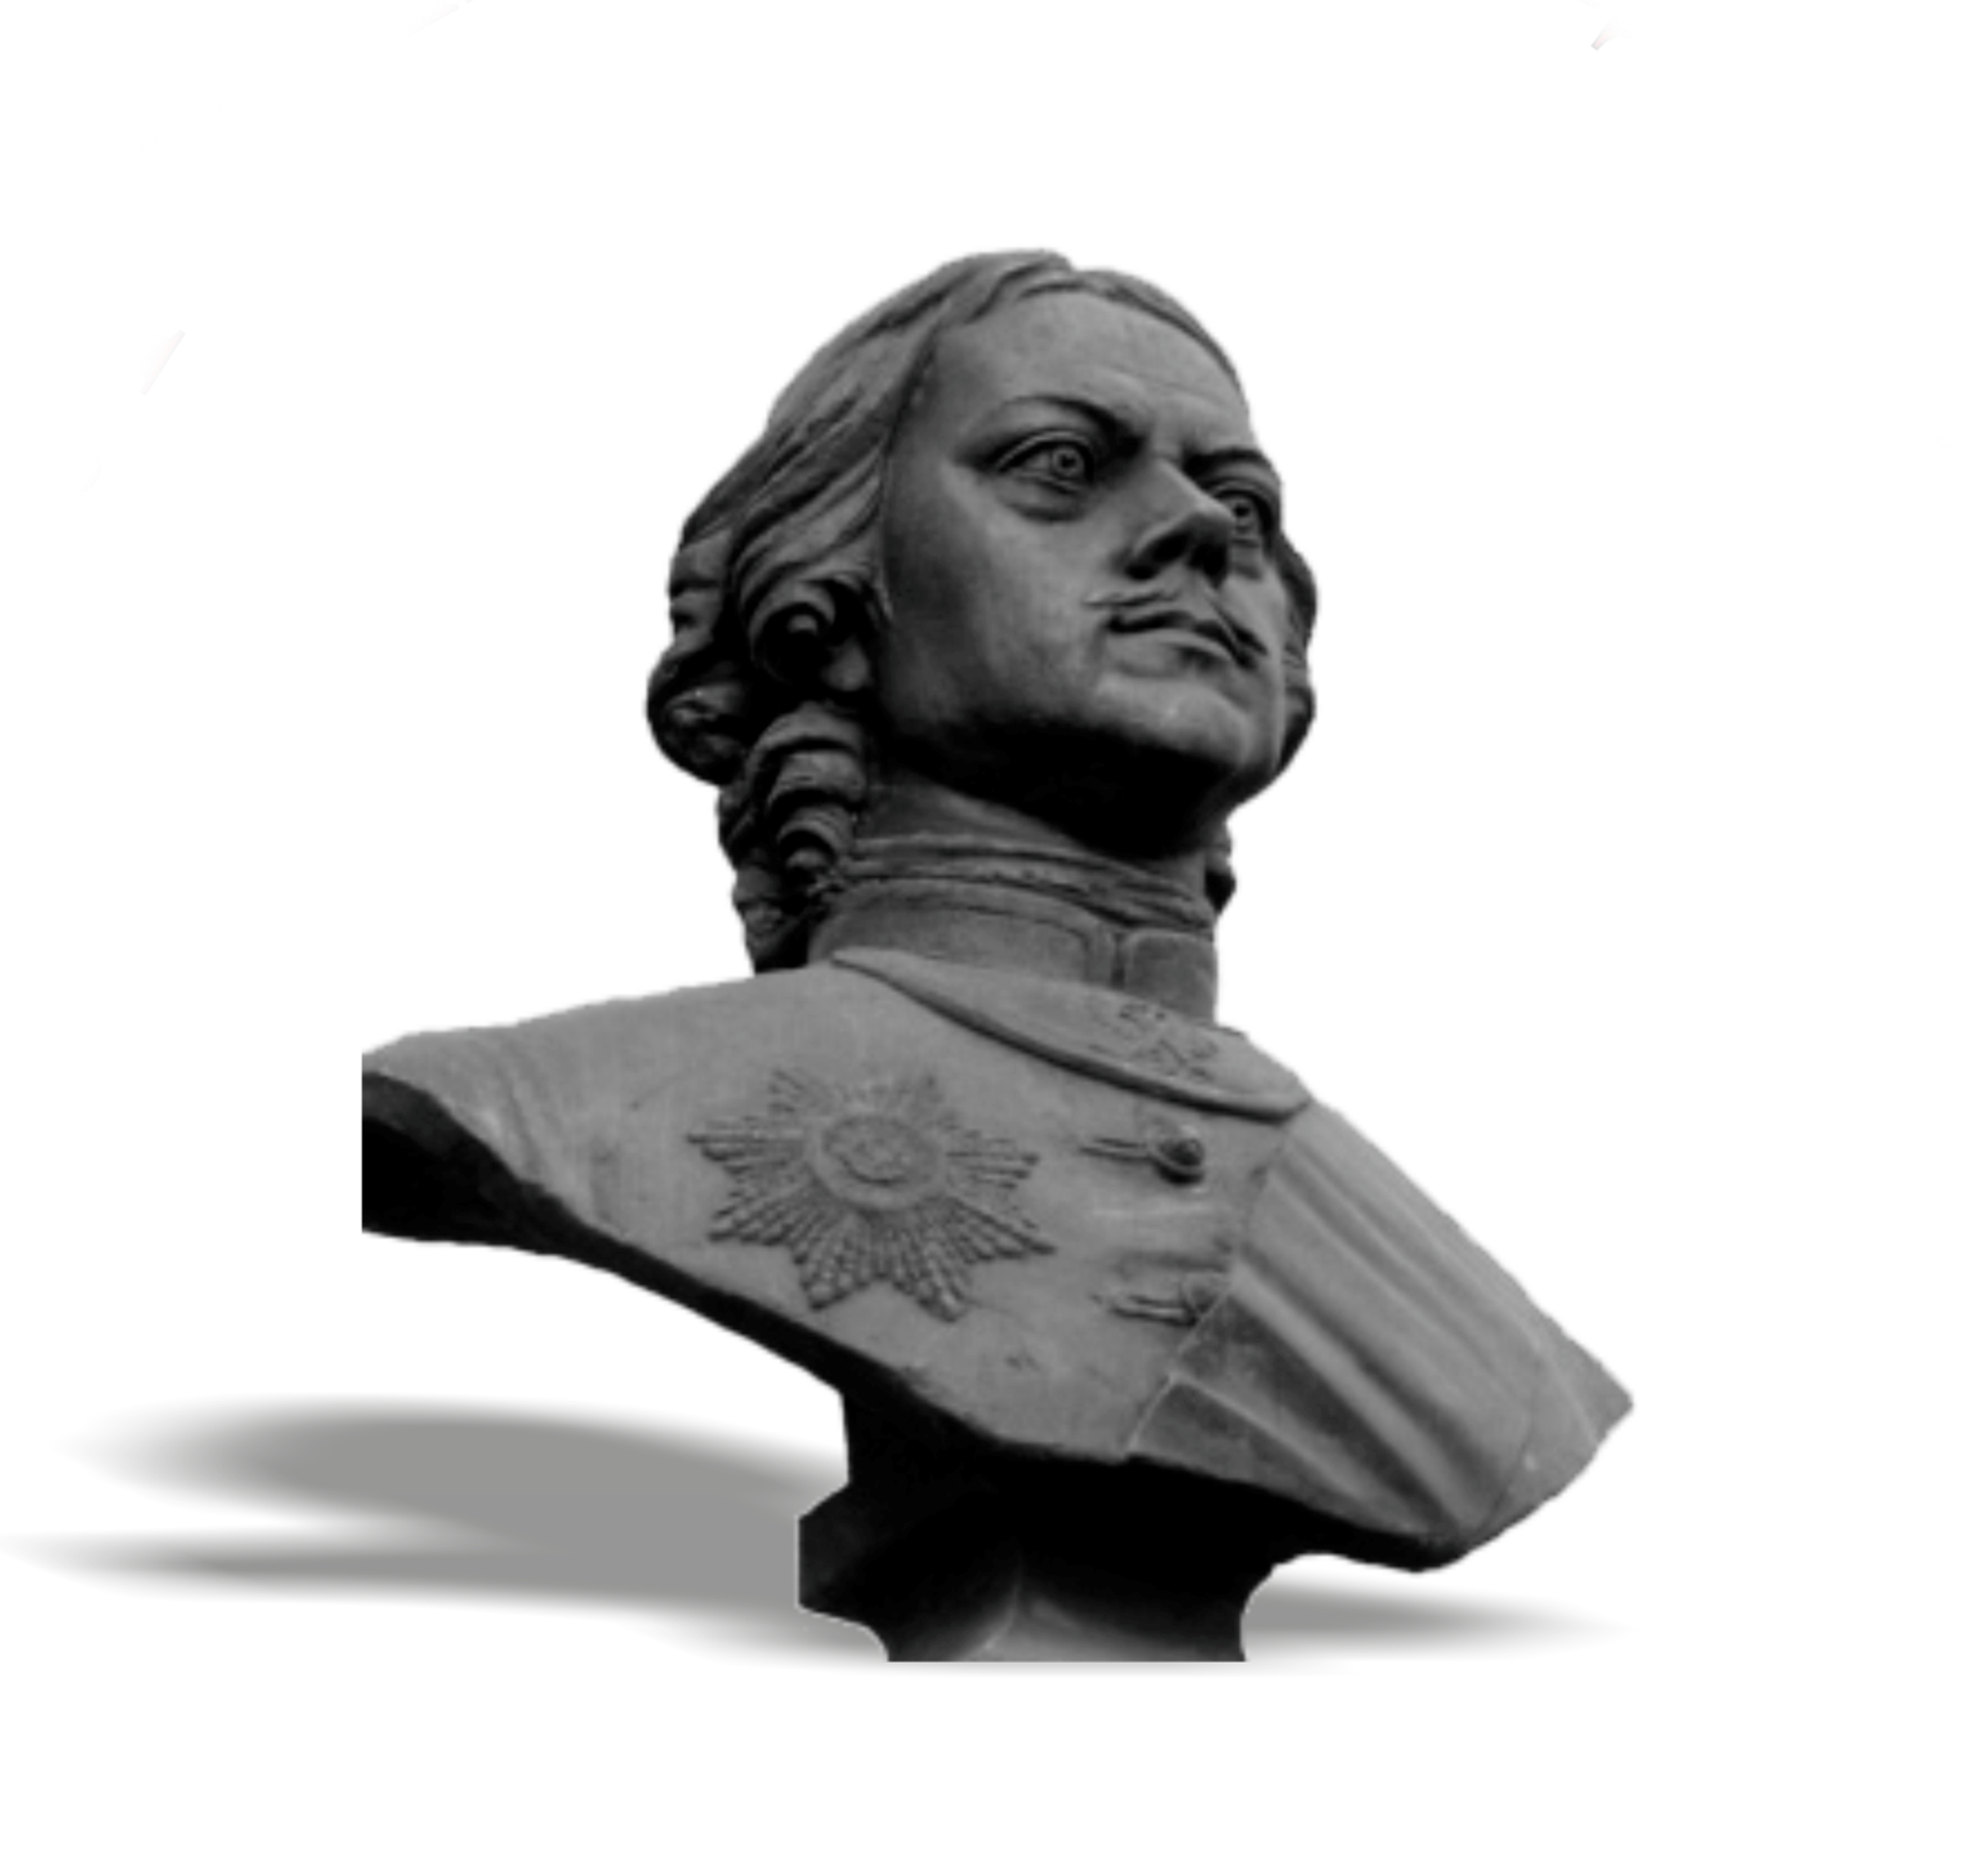 Официальный сайт Муниципального образования Большая Охта